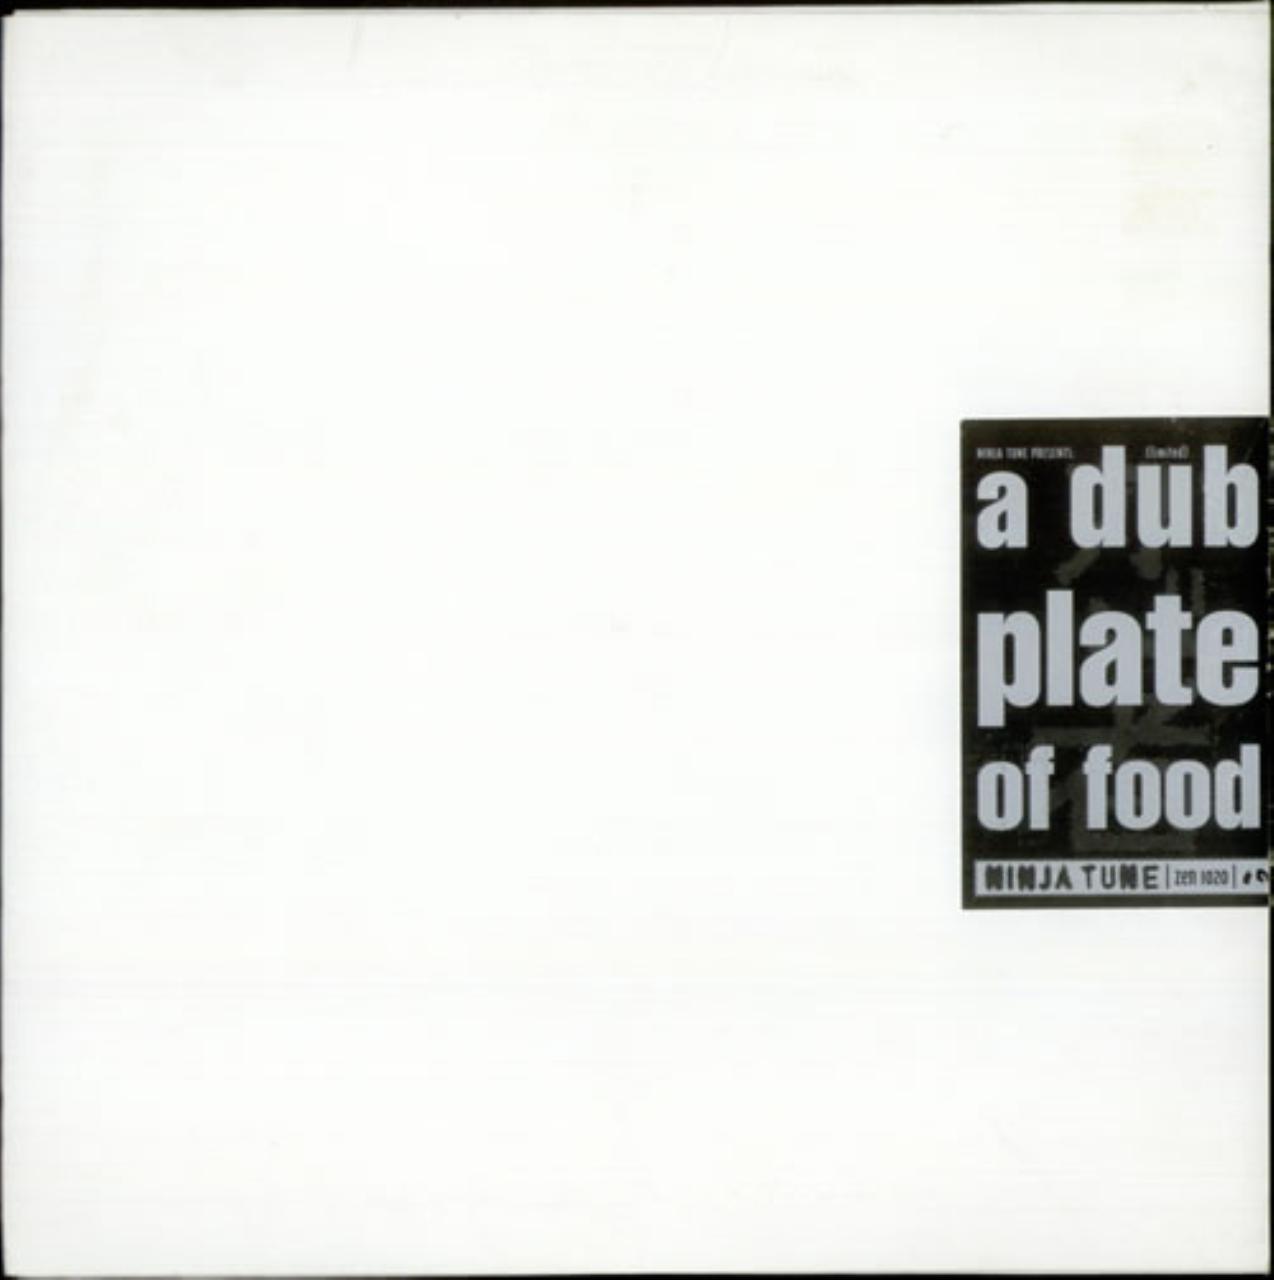 Dub Plate of Food : DJ Food: Amazon.es: Música